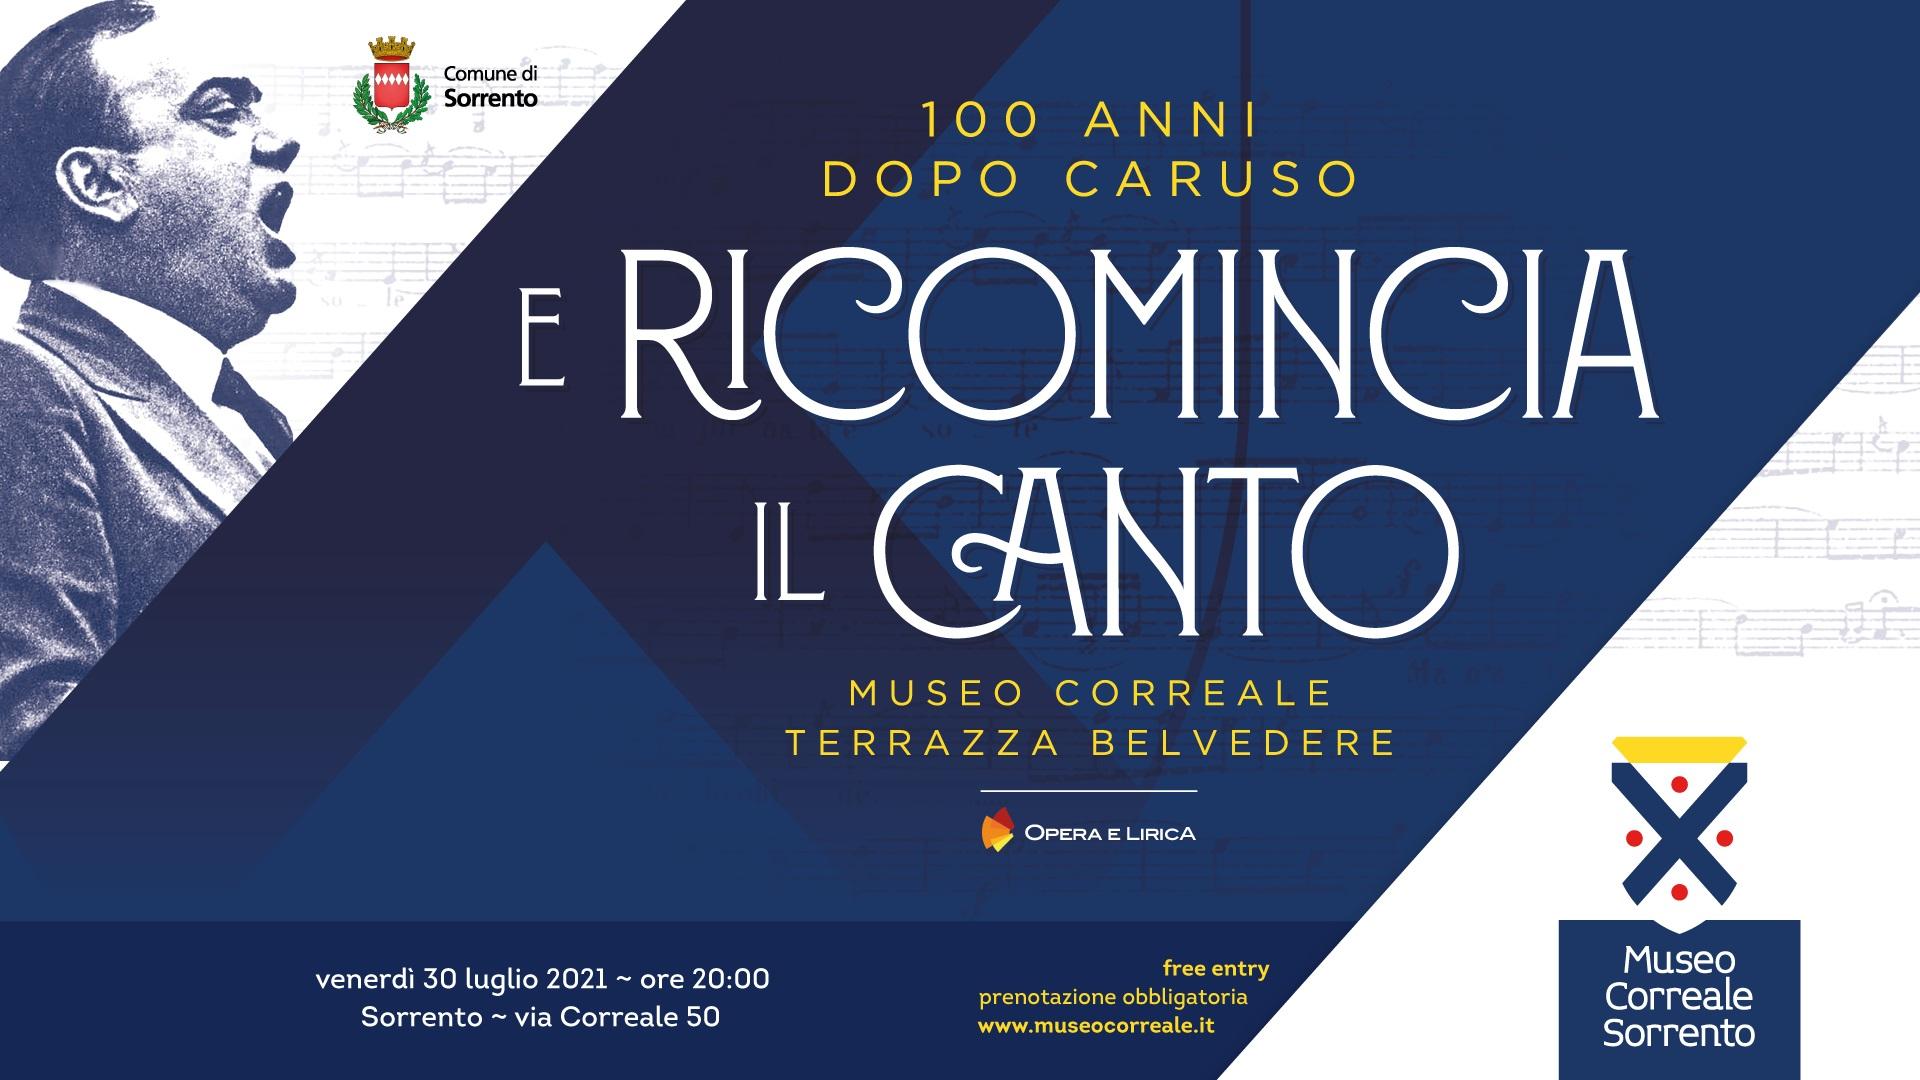 Concerto in memoria di Enrico Caruso venerdì 30 al Museo Correale di  Sorrento. - Gazzetta di Napoli